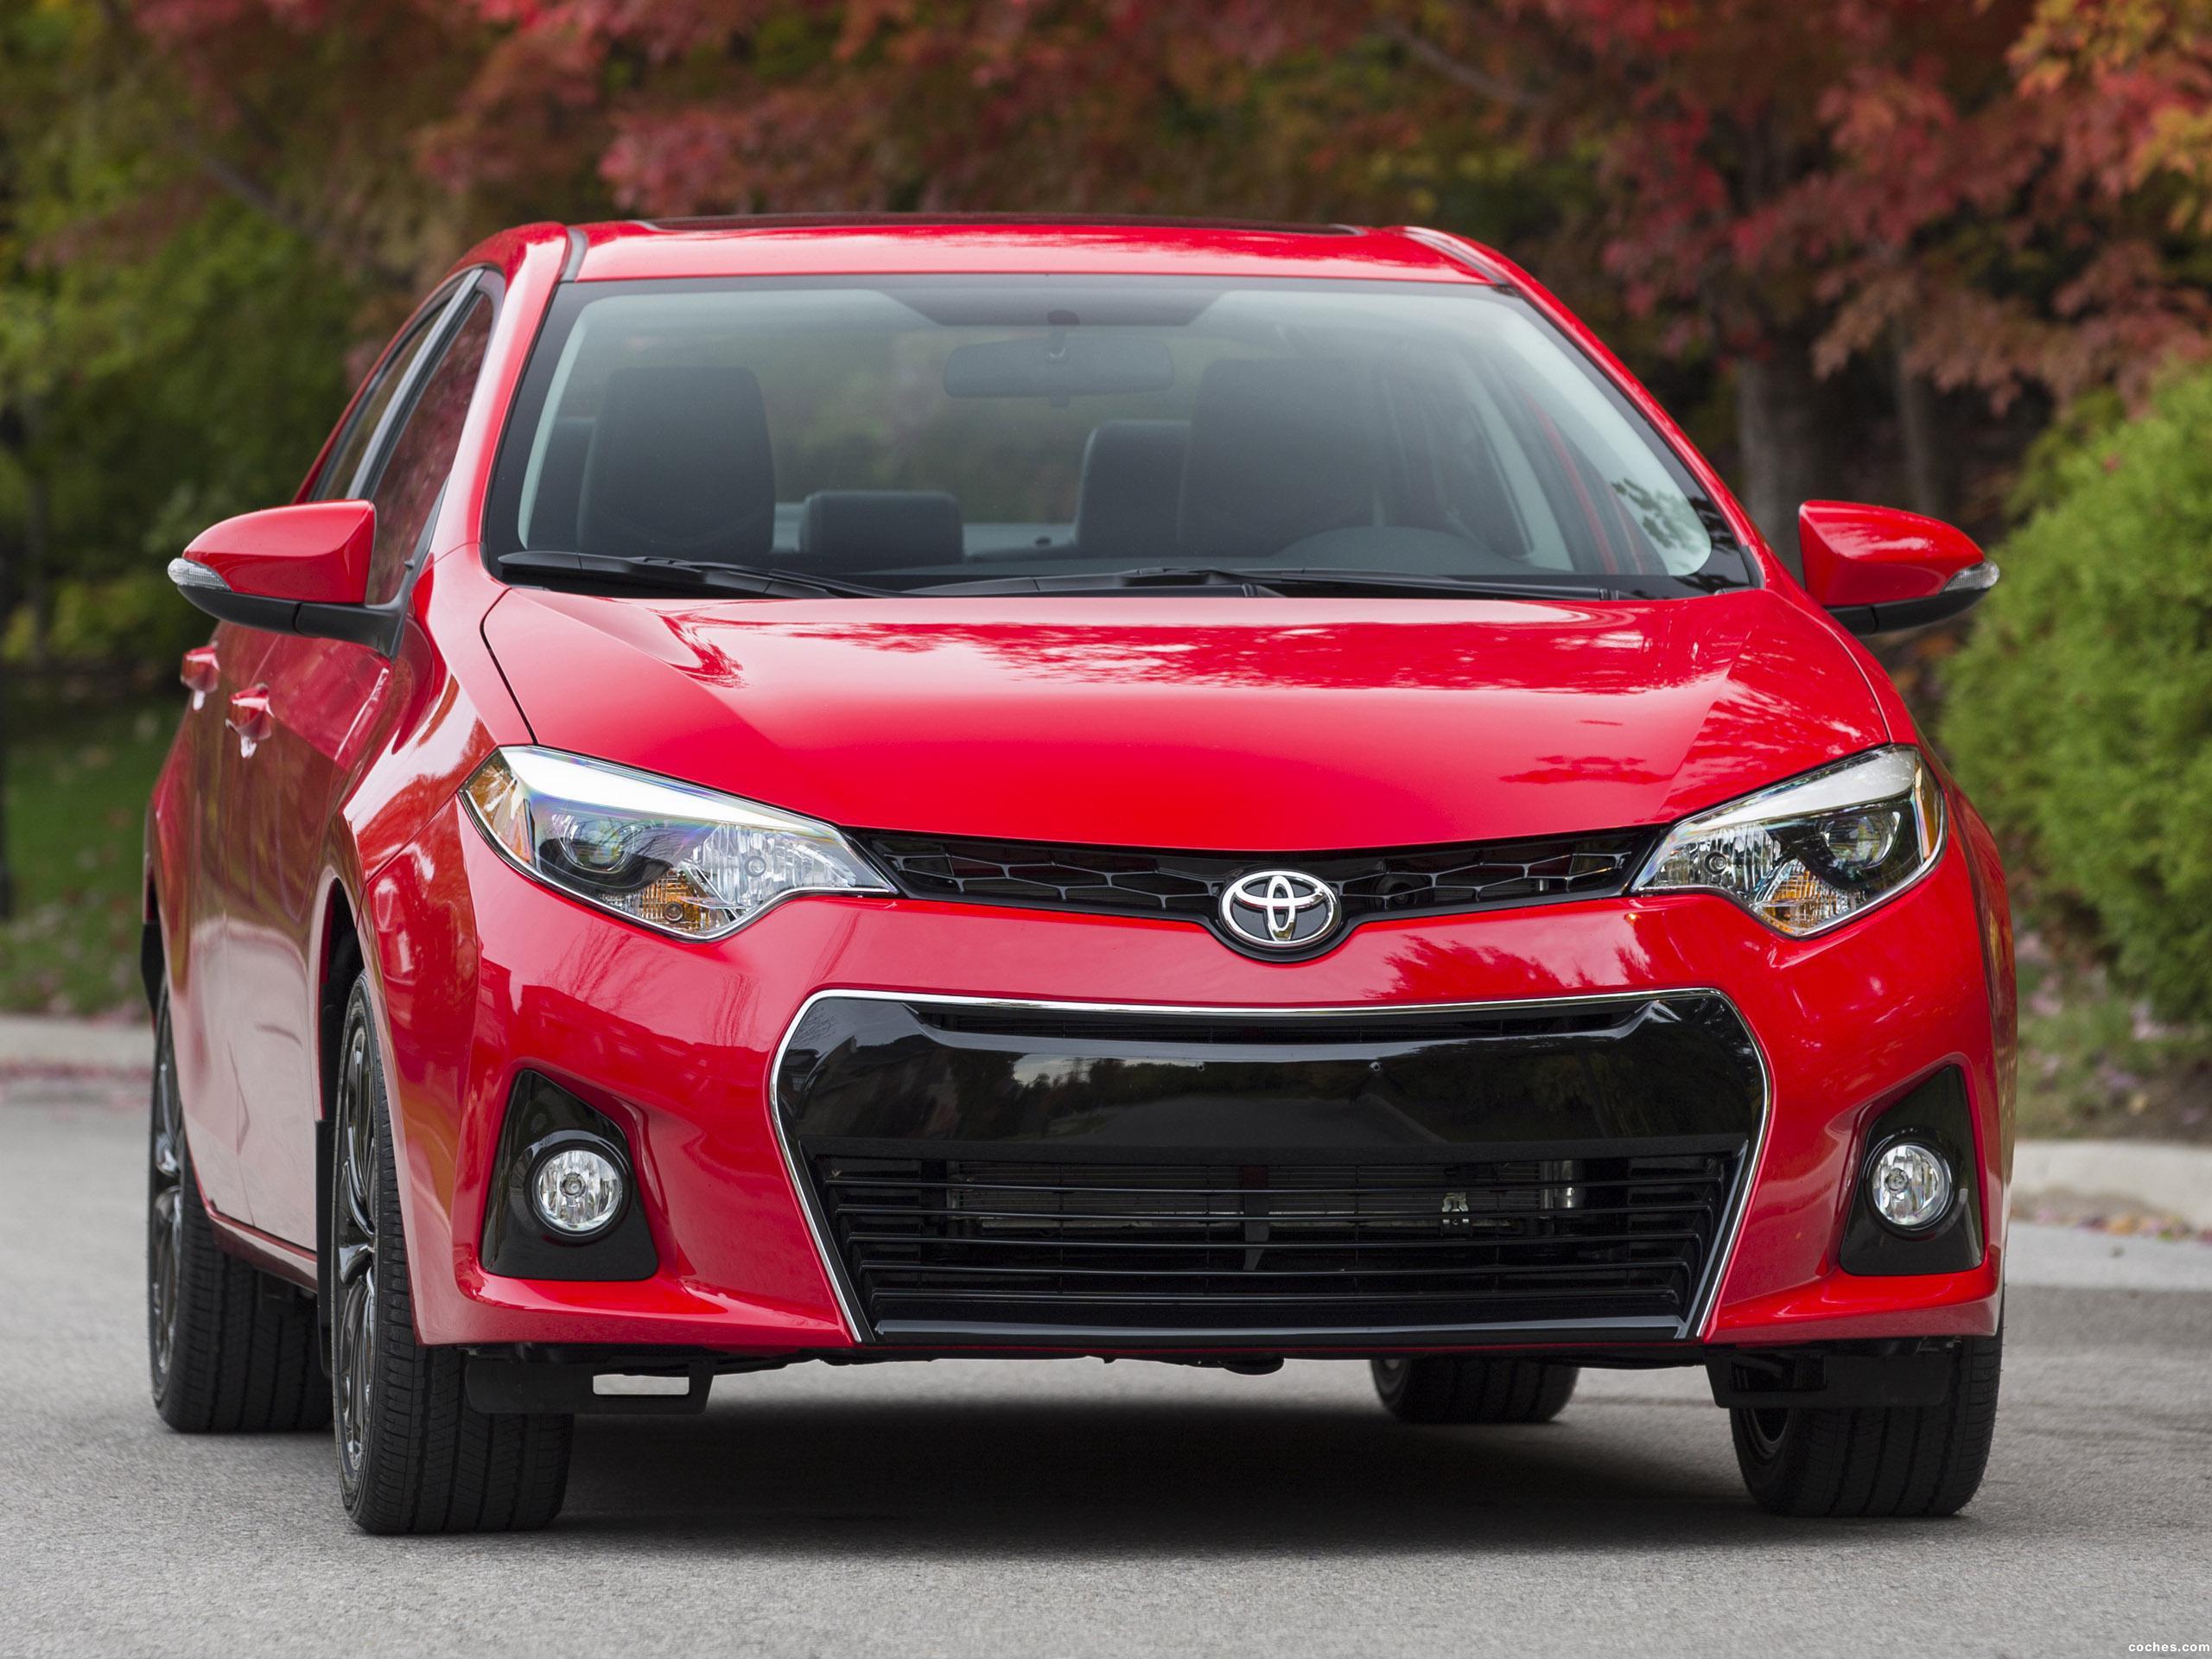 Outofashes Lovemusic 2015 Toyota Corolla S Plus Red